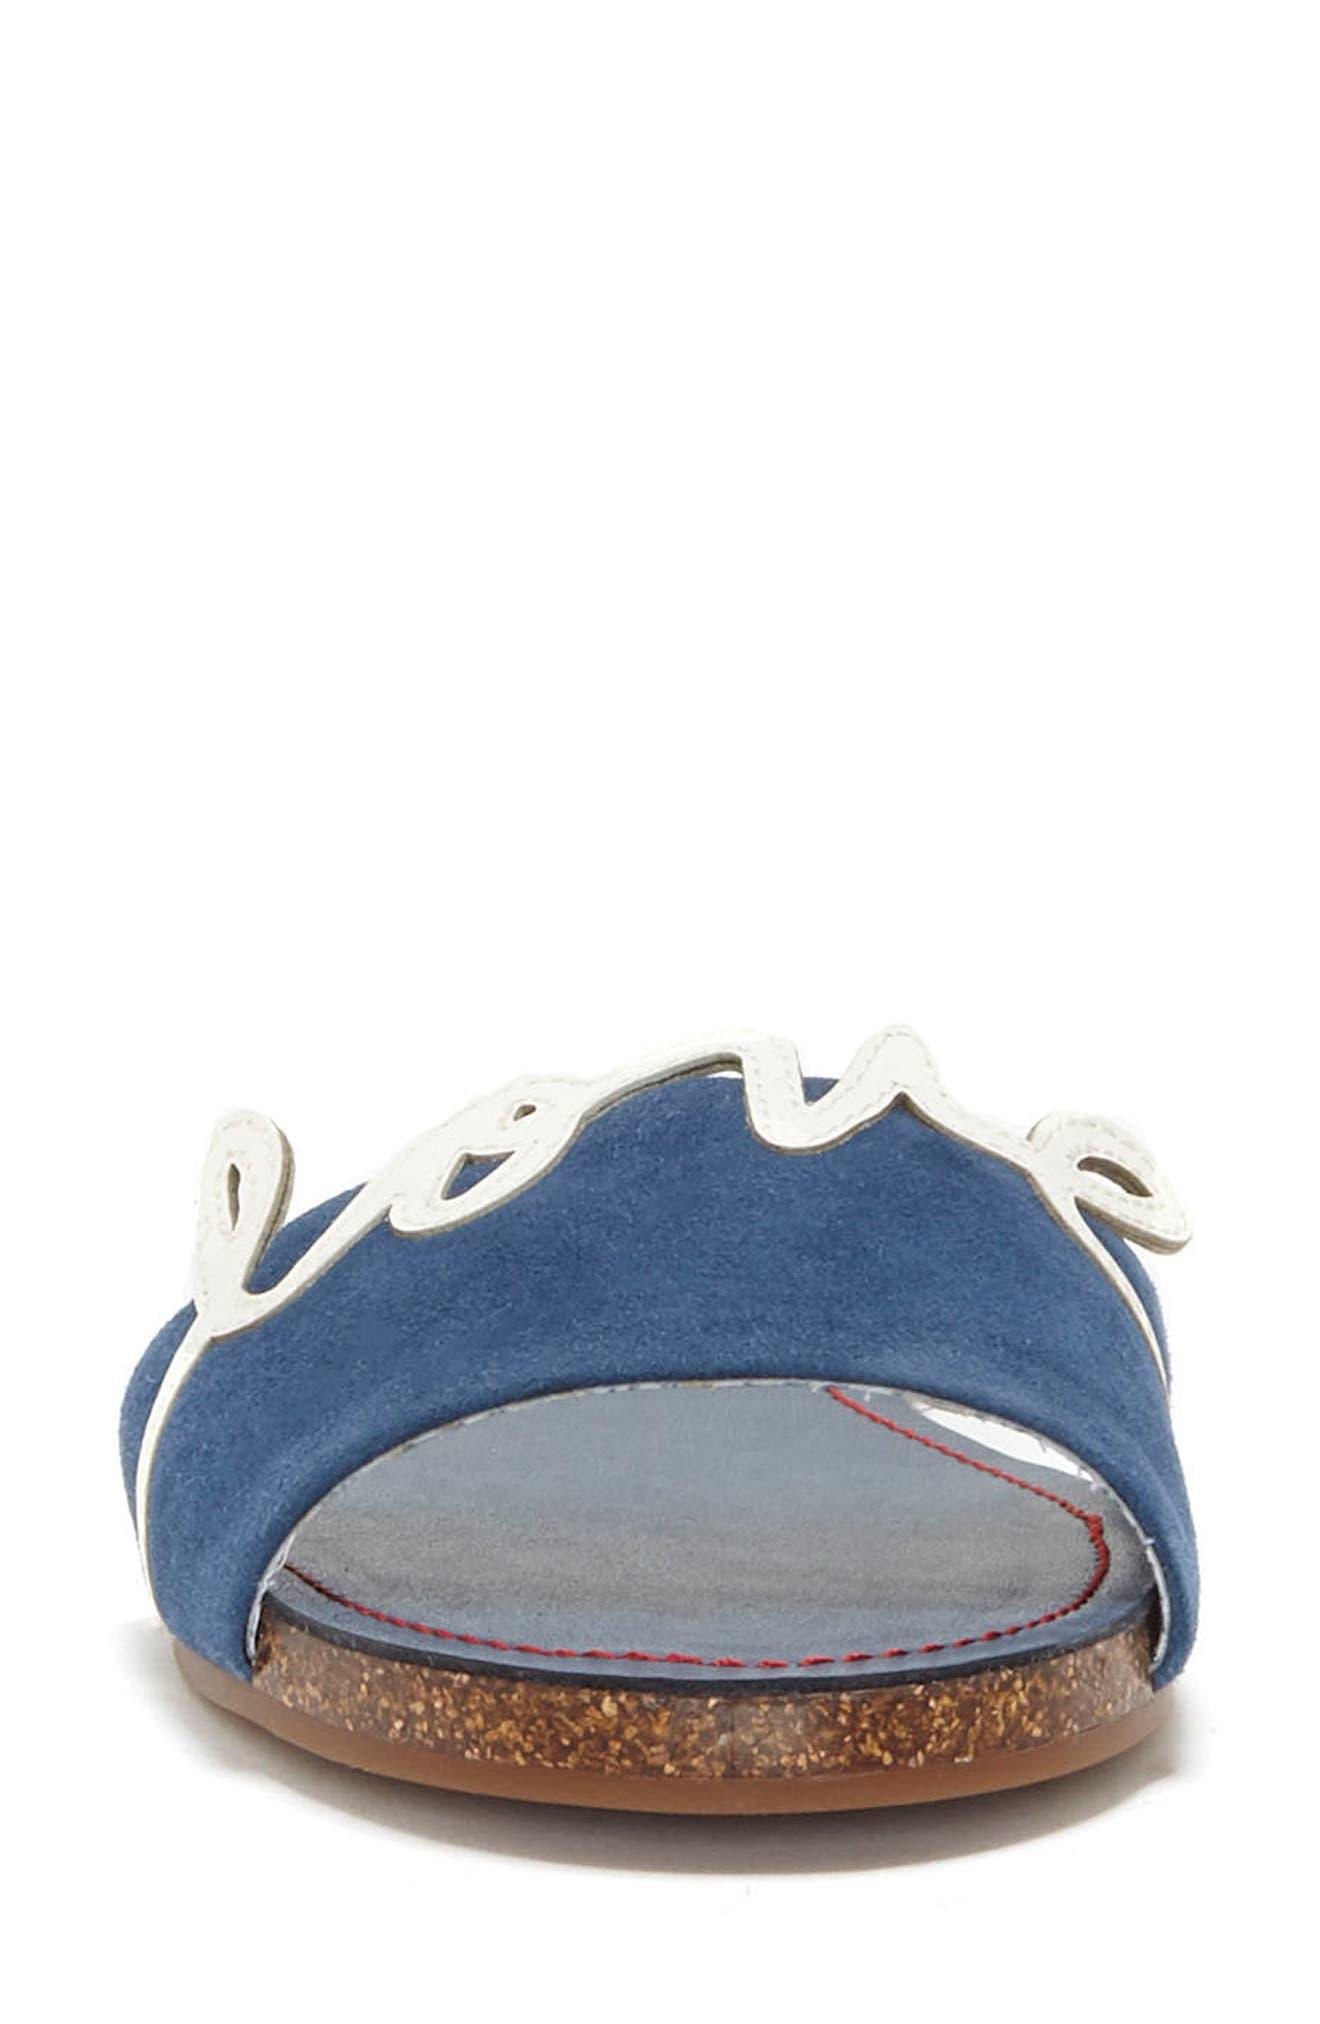 Sharlin Slide Sandal,                             Alternate thumbnail 4, color,                             Oxford Blue/ Milk